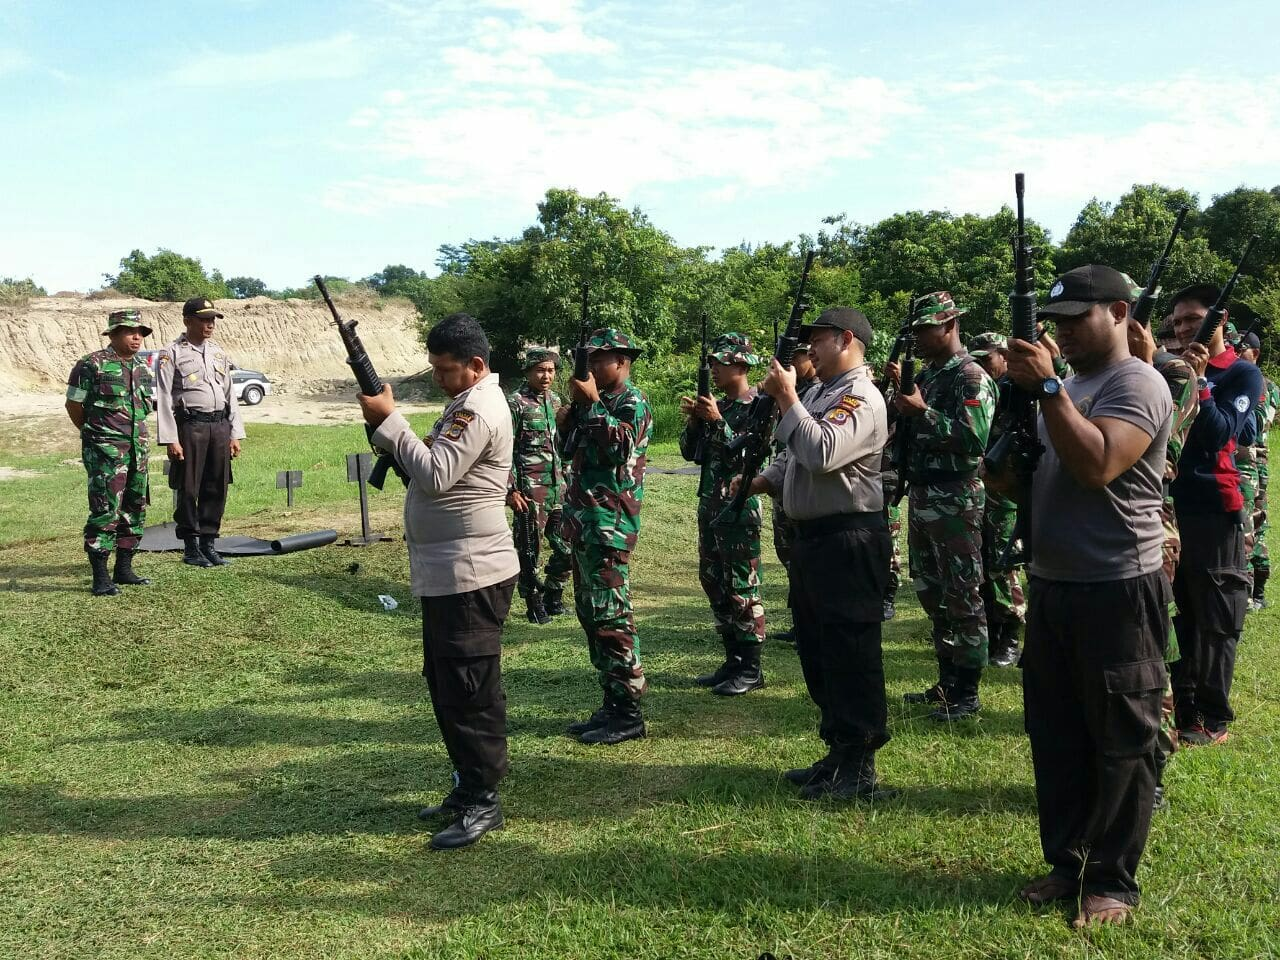 Tingkatkan Soliditas, Prajurit TNI Dan Polri Latihan Menembak Bersama